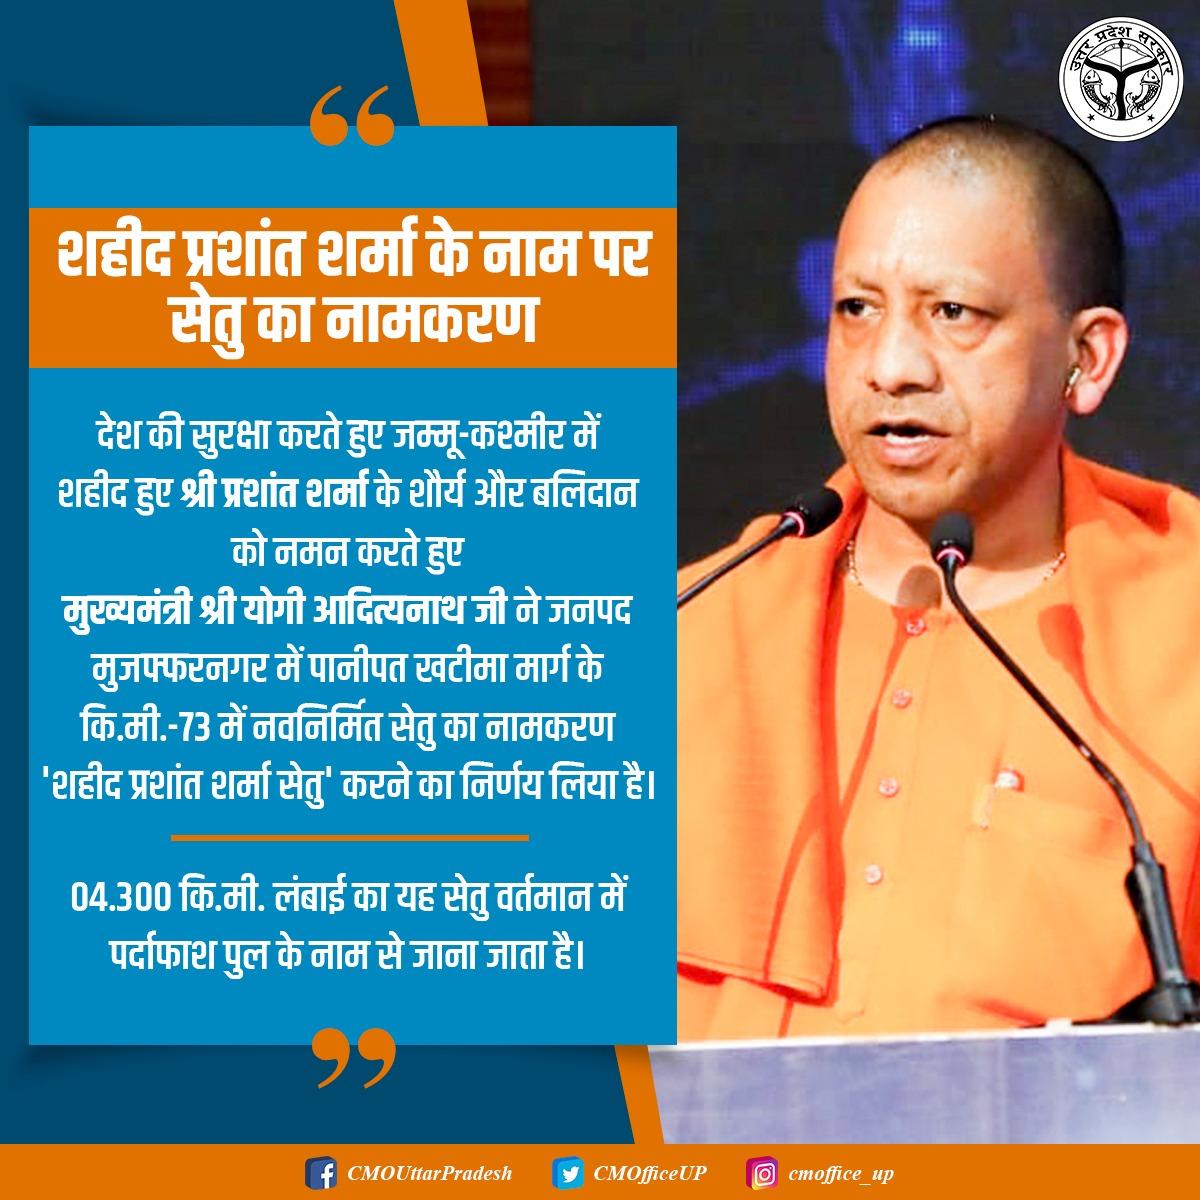 देश की सुरक्षा करते हुए जम्मू-कश्मीर में शहीद हुए श्री प्रशांत शर्मा के शौर्य और बलिदान को नमन करते हुए CM श्री @myogiadityanath जी ने जनपद मुजफ्फरनगर में पानीपत खटीमा मार्ग के कि.मी.-73 में नवनिर्मित सेतु का नामकरण 'शहीद प्रशांत शर्मा सेतु' करने का निर्णय लिया है। @spgoyal